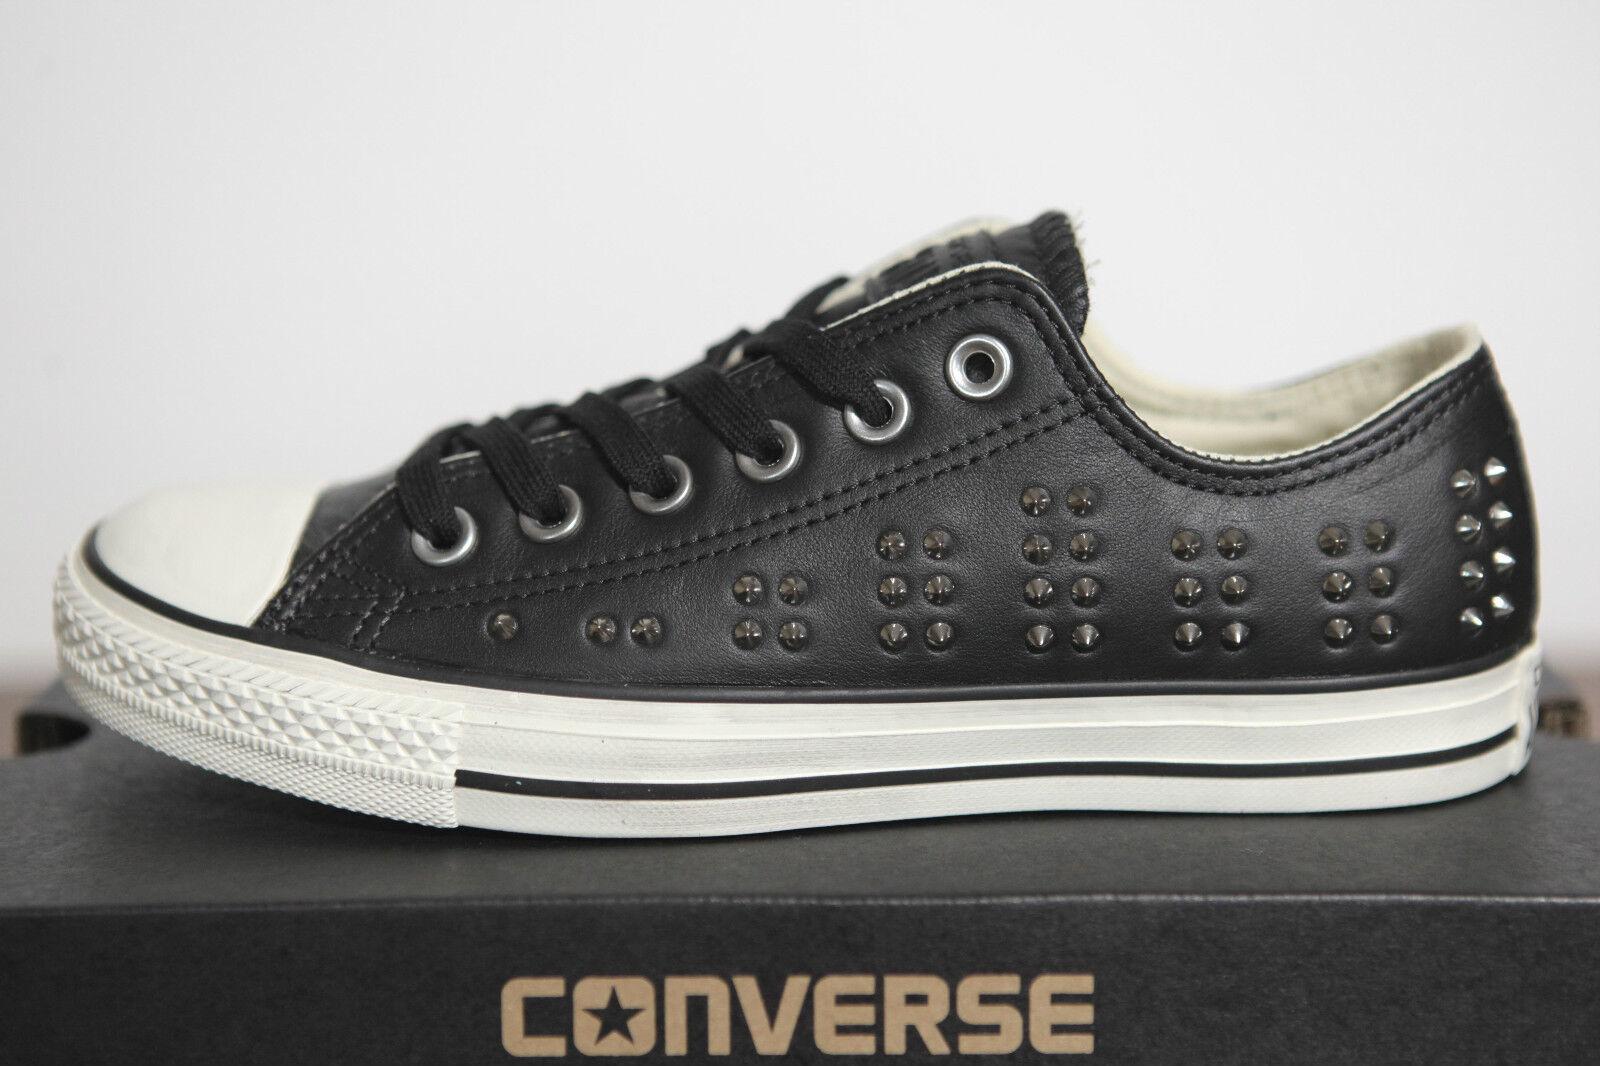 Neu Bll Star Converse Chucks low Leder Studded Nieten Schuhe 542417c